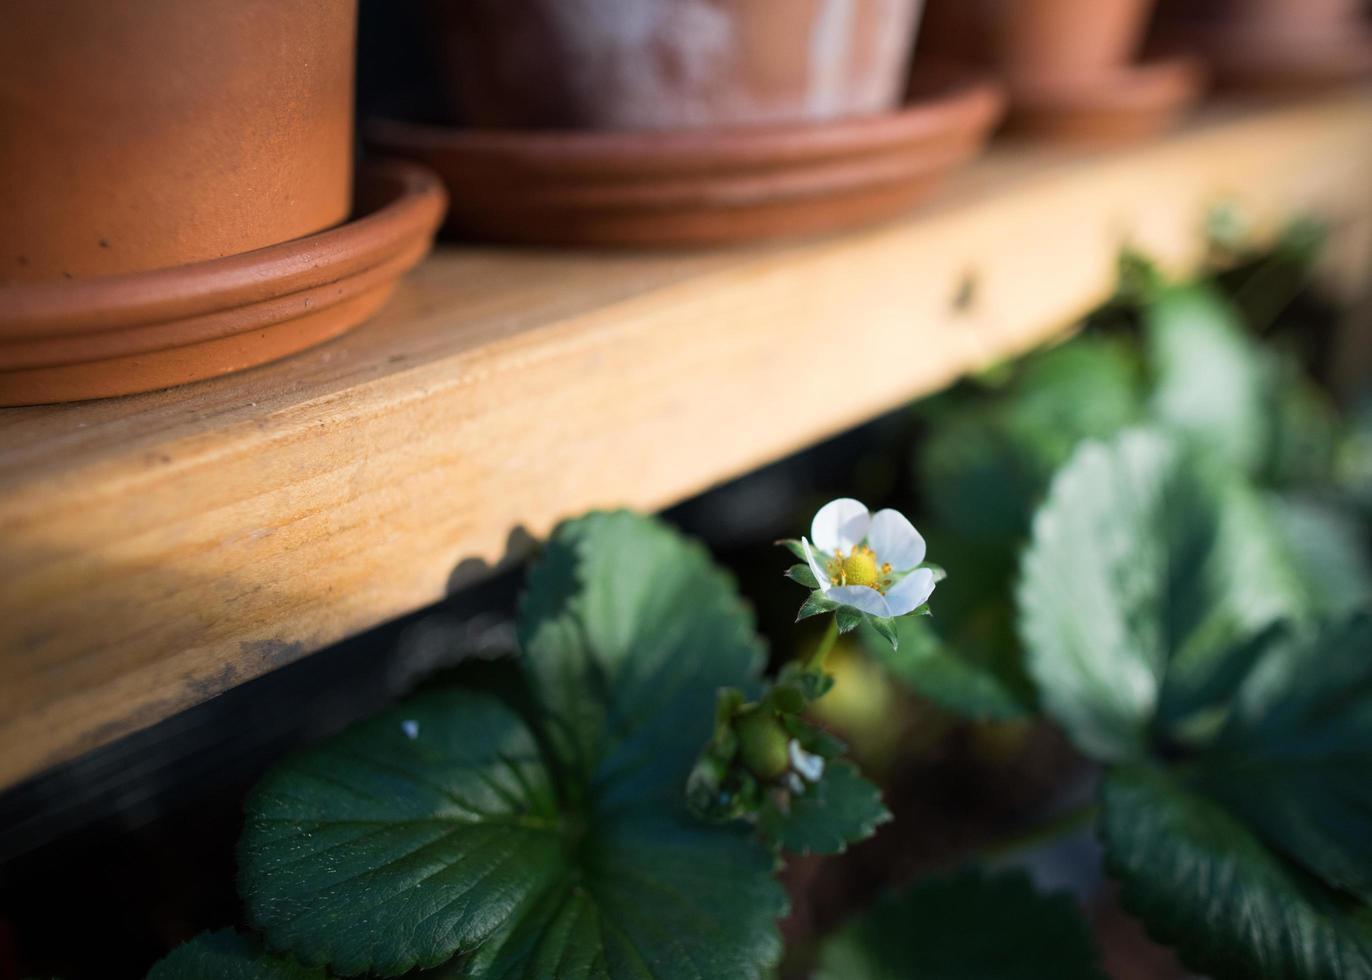 Vue macro d'une fleur ensoleillée photo